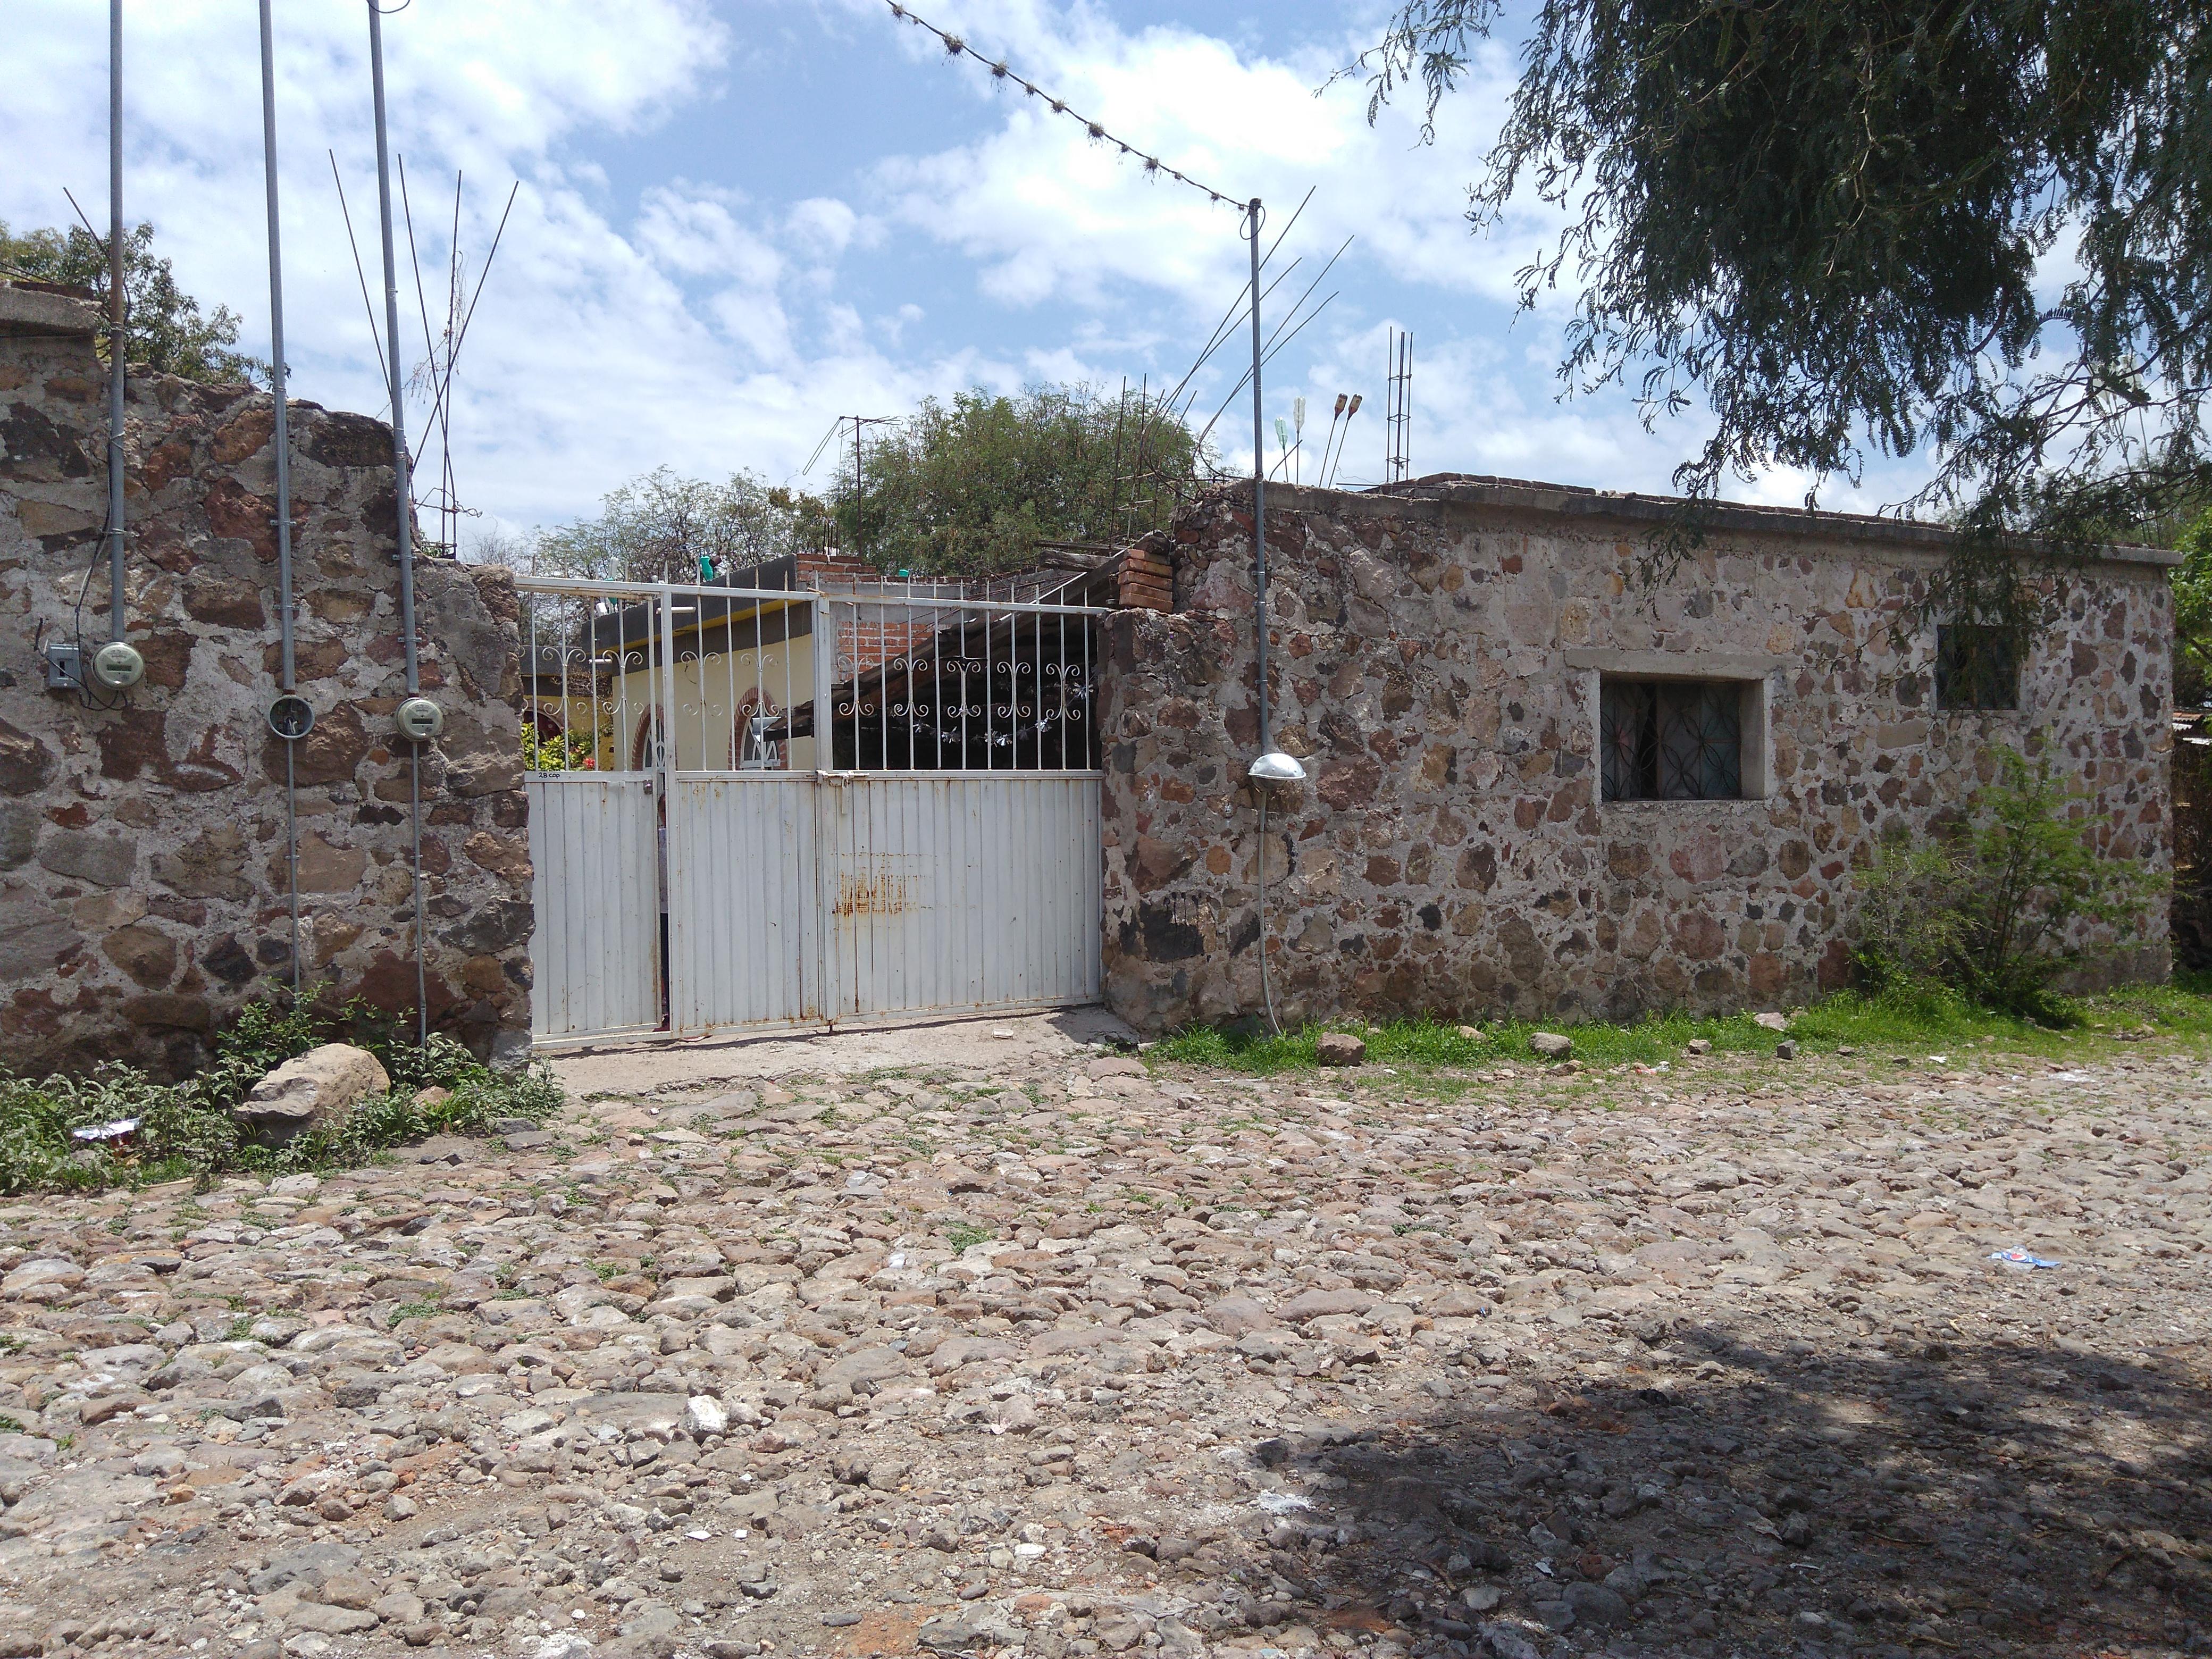 Por fortuna una de las personas que se rescataron con vida fue Vicente Puente quien a decir de familiares y amigos era trabajador de la construcción y padre de cinco hijos.